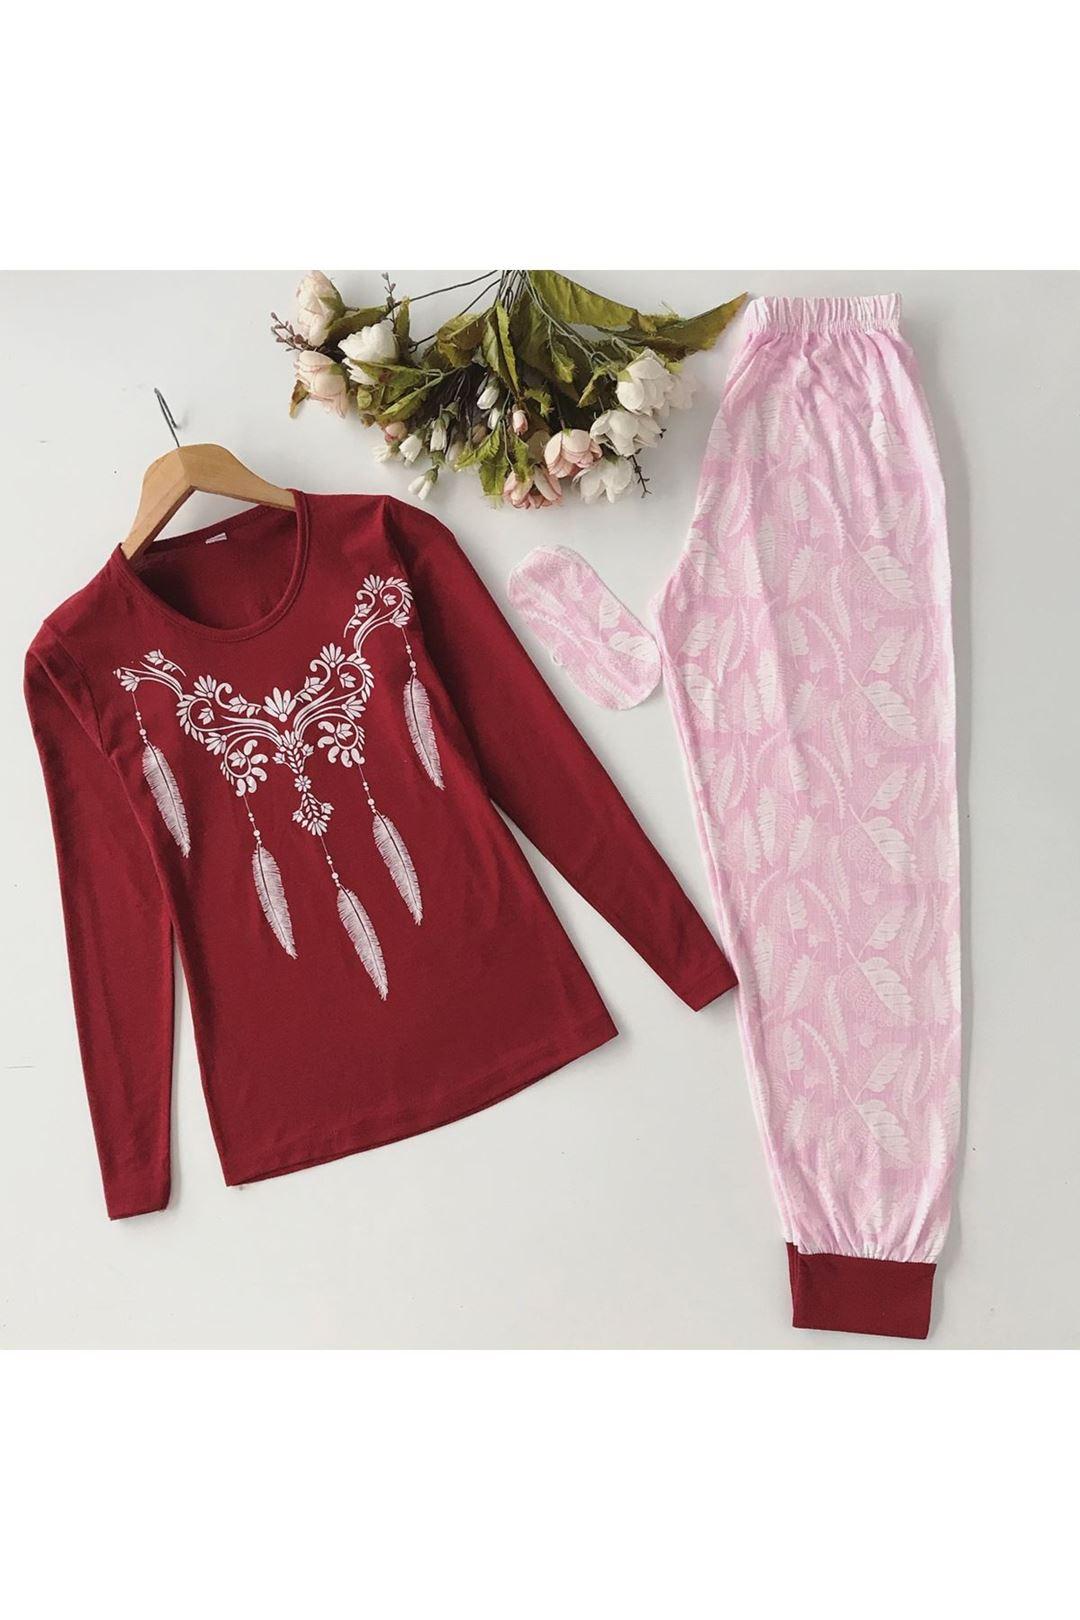 Tüy Baskılı Göz Bantlı Kadın Pijama Takımı 1231791